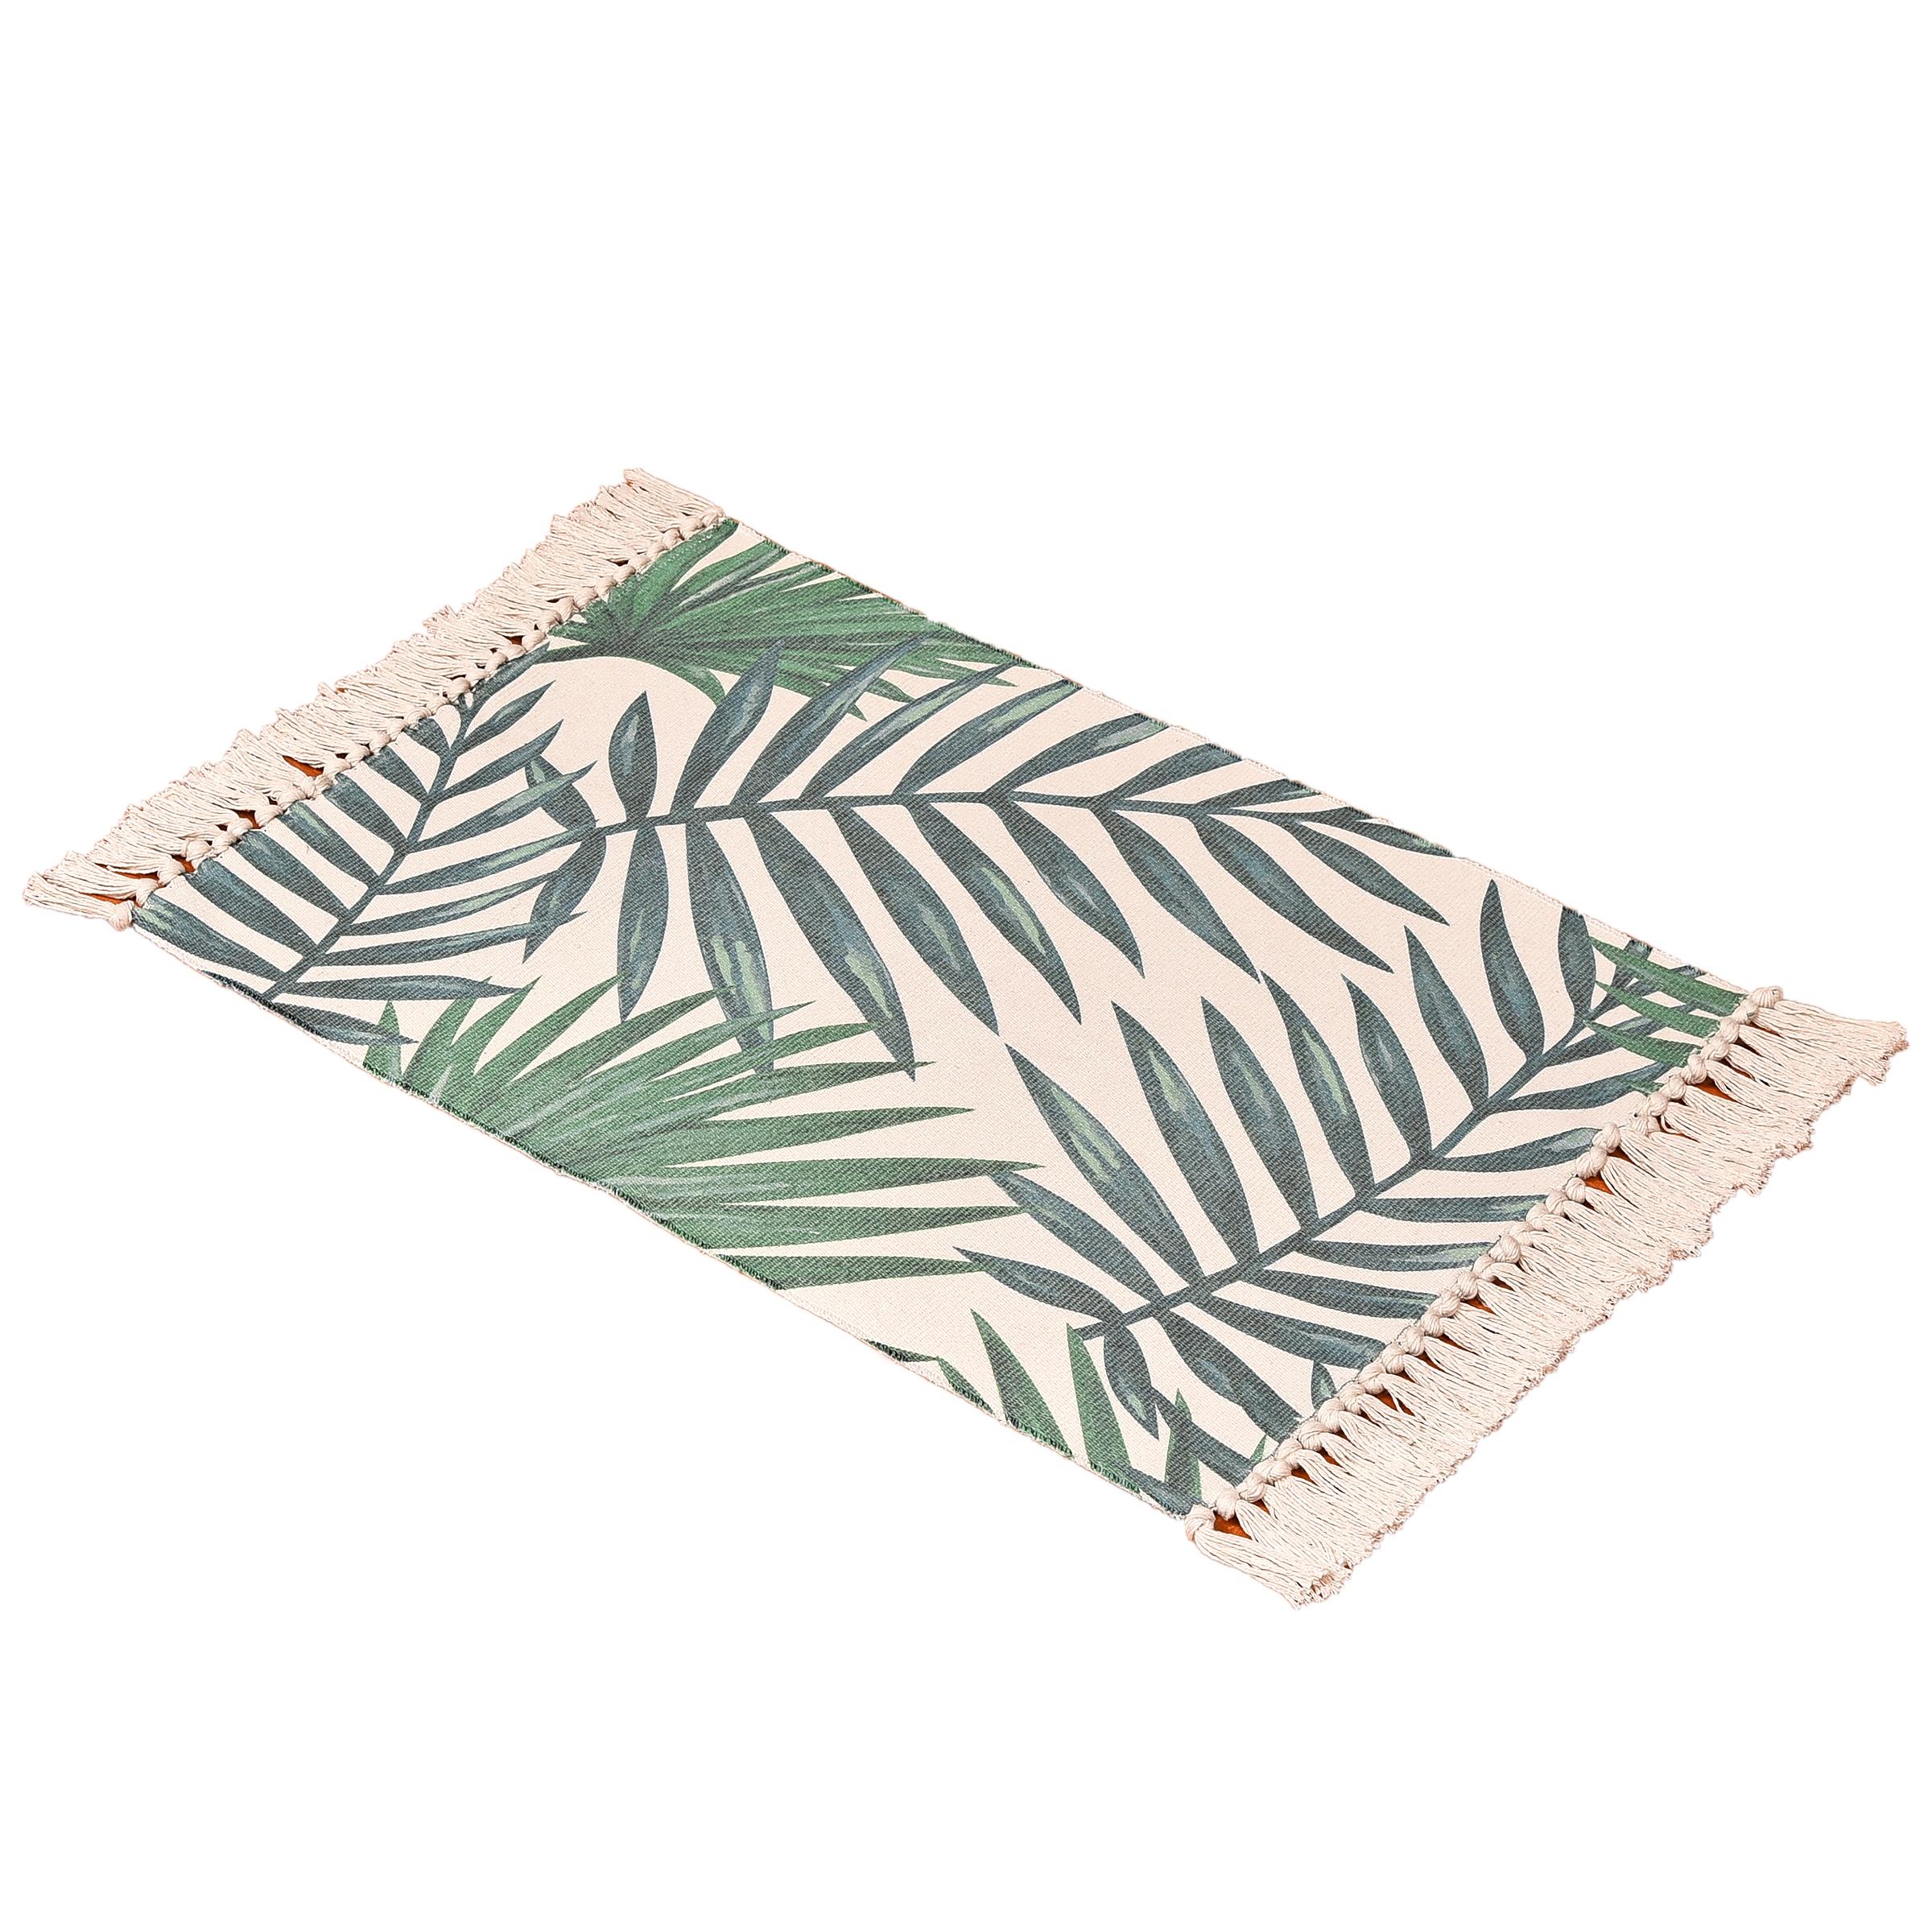 Bohemian akdeniz dokuma mat banyo oturma odası çalışma yatak odası halısı makine dokuma halı yapraklar baskı halı yıkanabilir